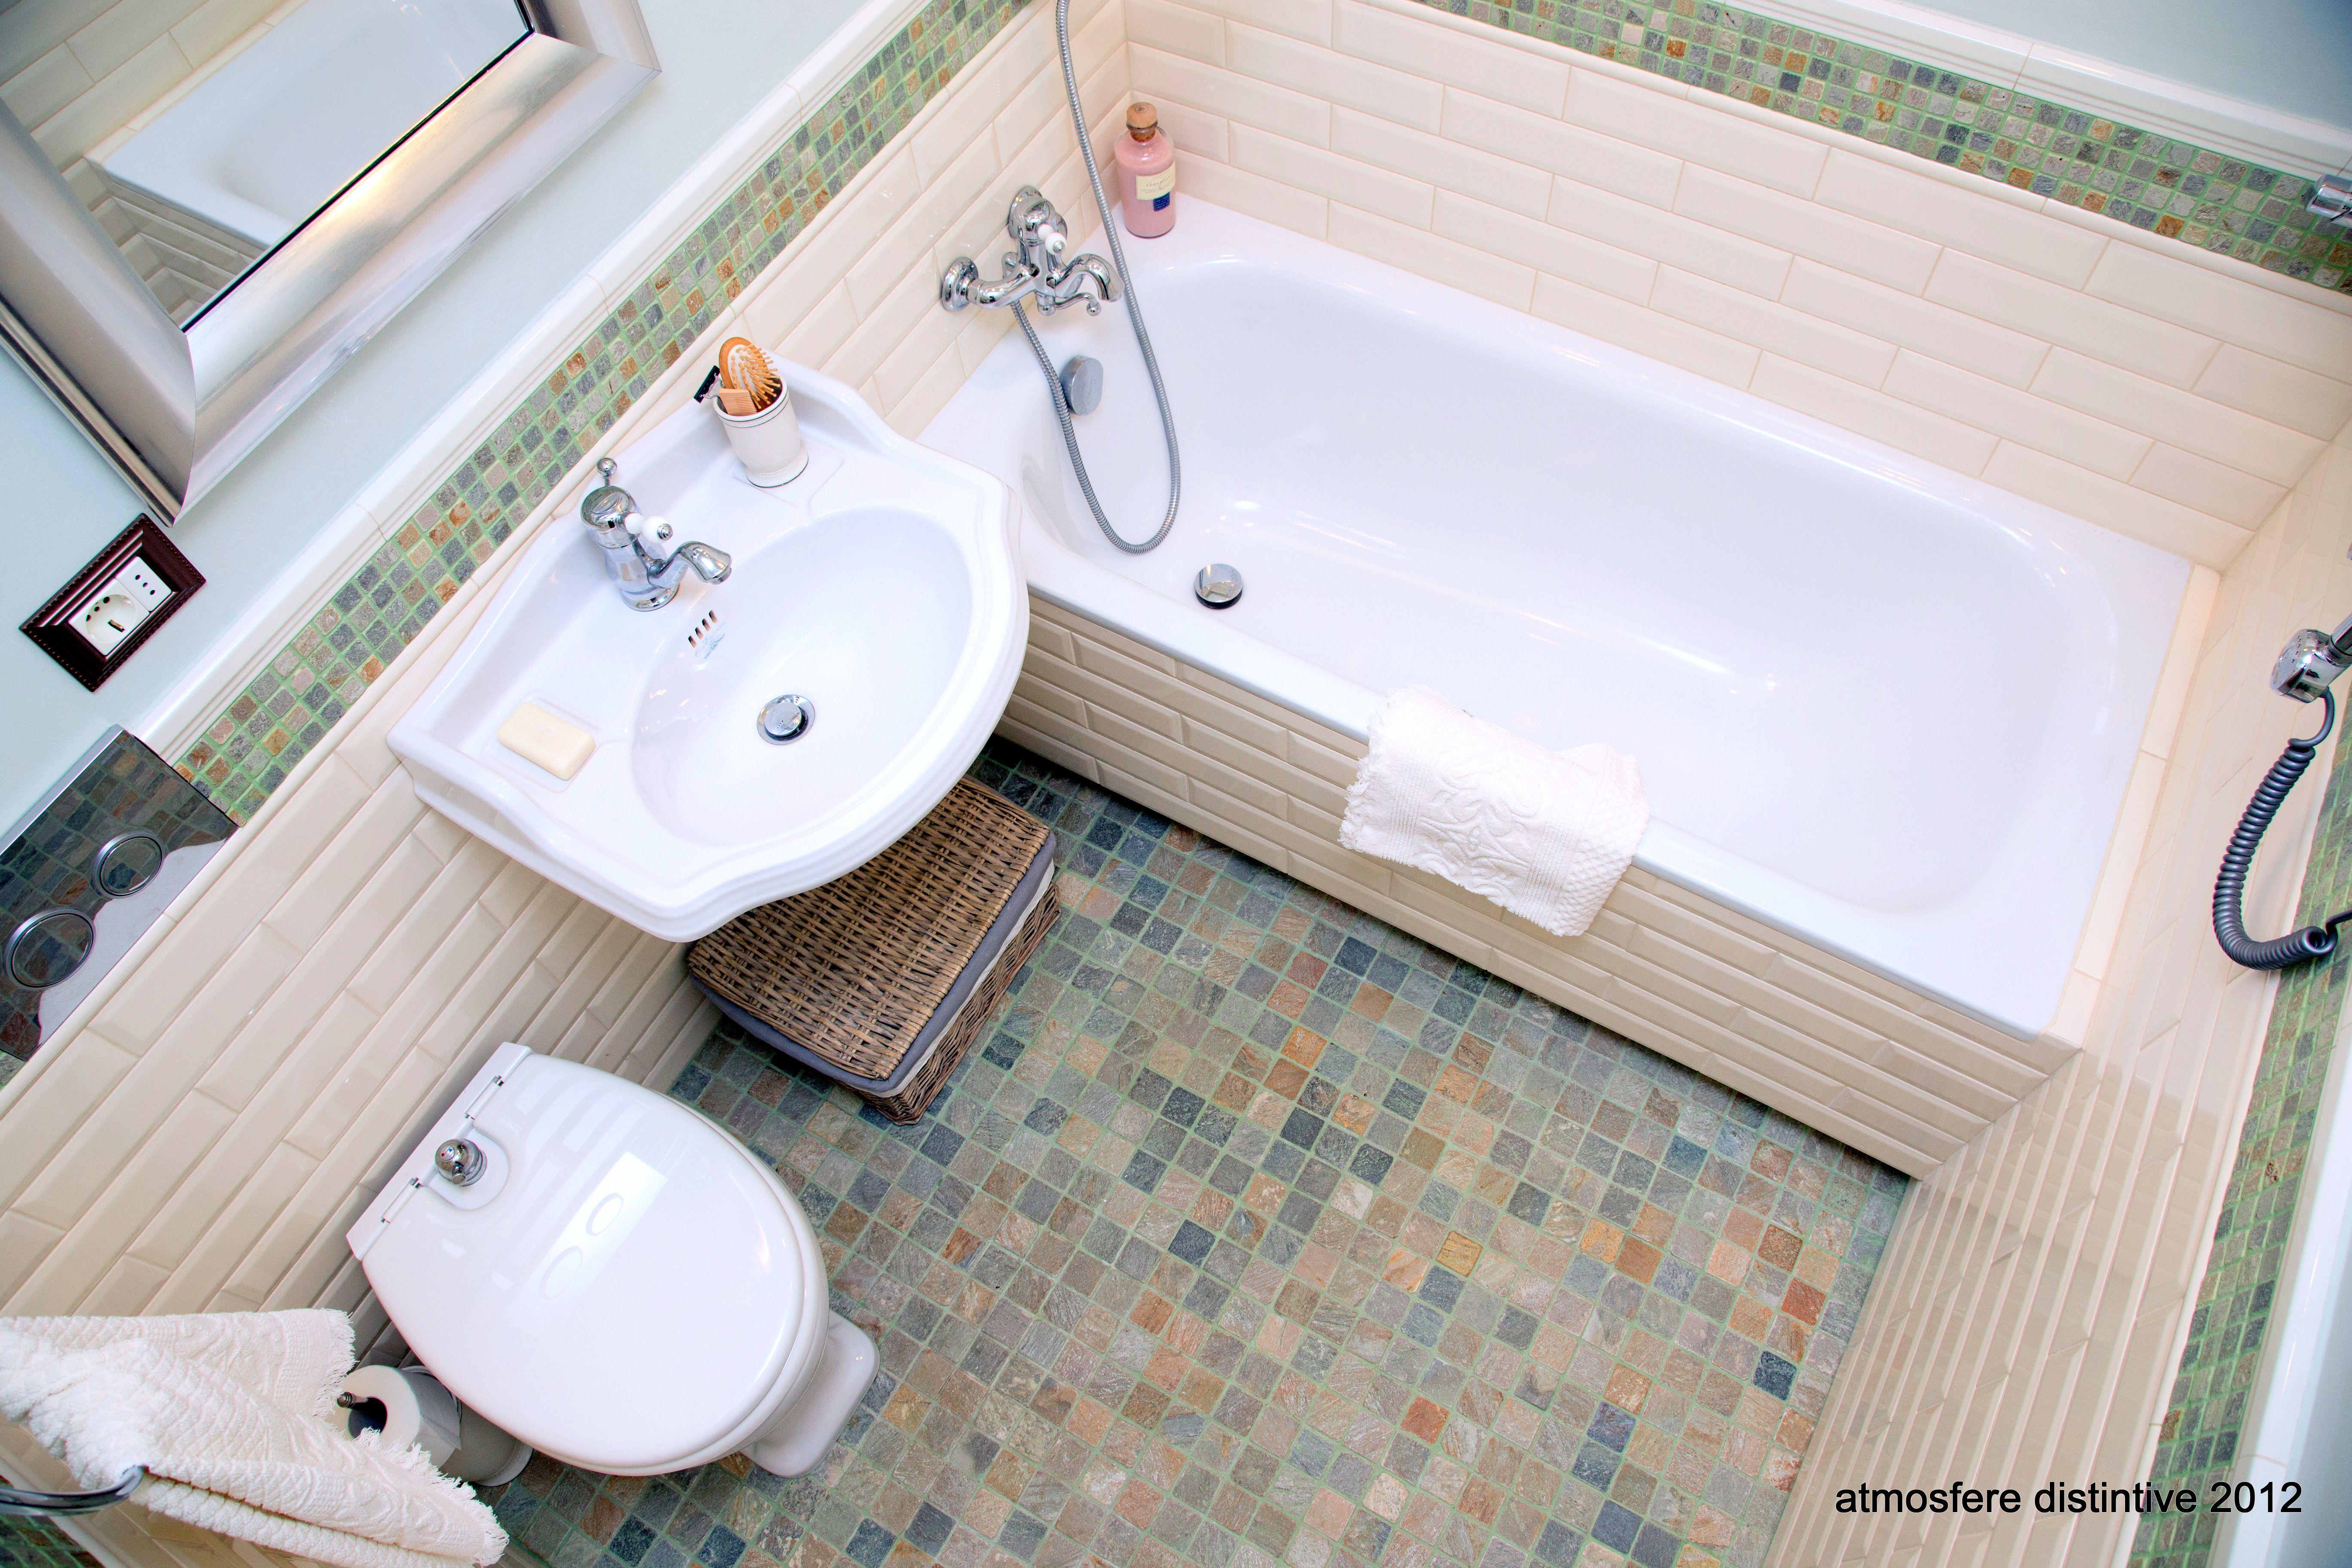 Vasca Da Bagno Kaldewei Dimensioni : Sapore retrò per il bagno in casa storica dalle dimensioni minime